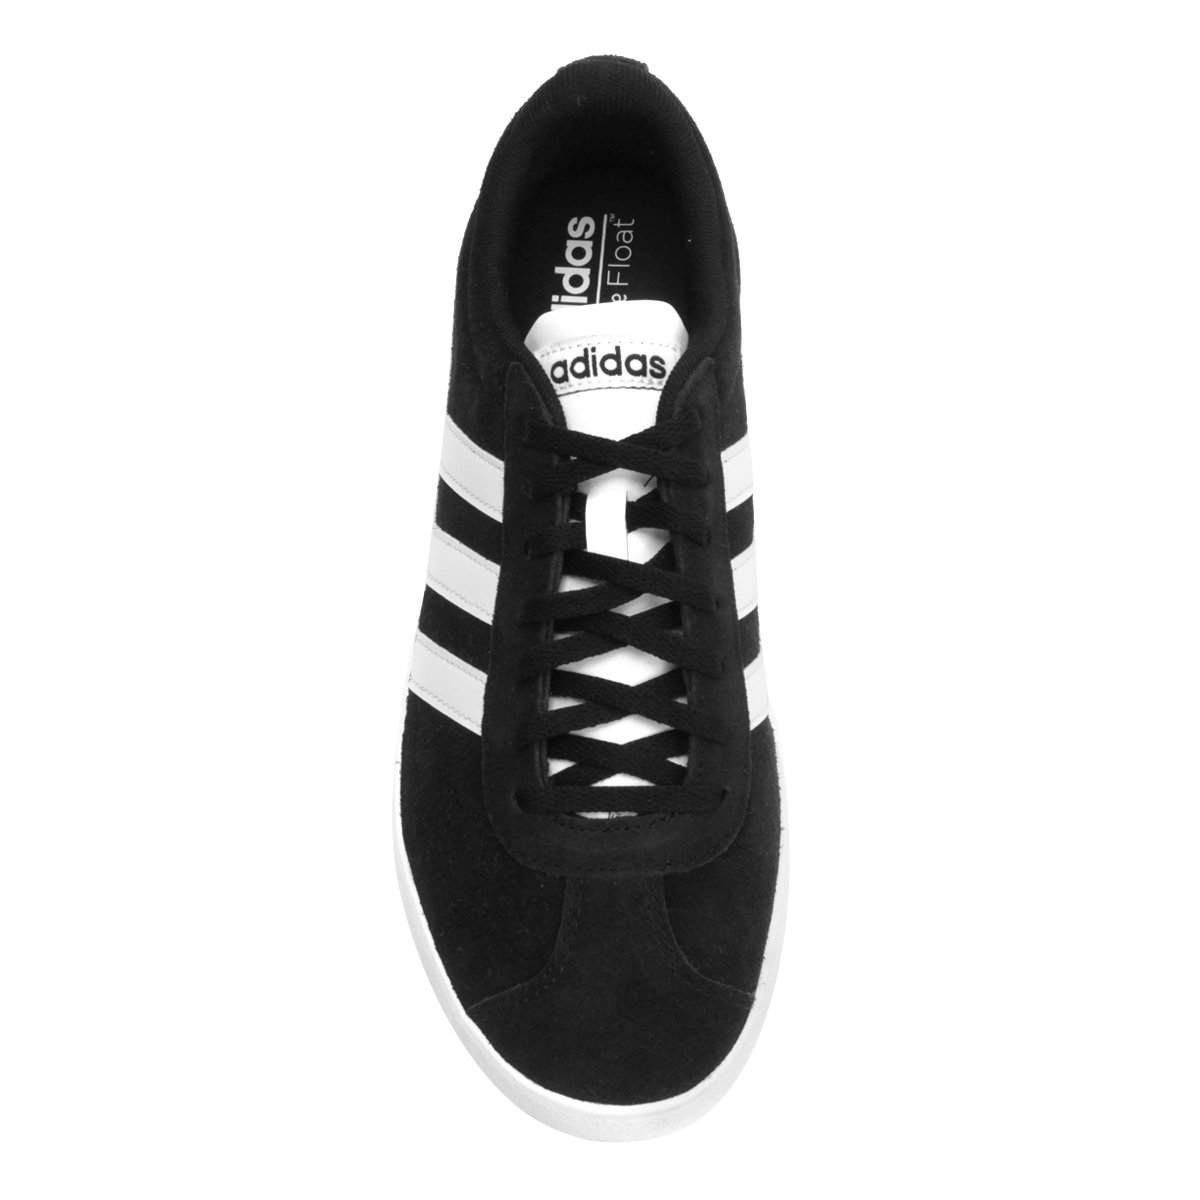 8cb45164bf Tênis Adidas Court Masculino - Preto e Branco - Compre Agora